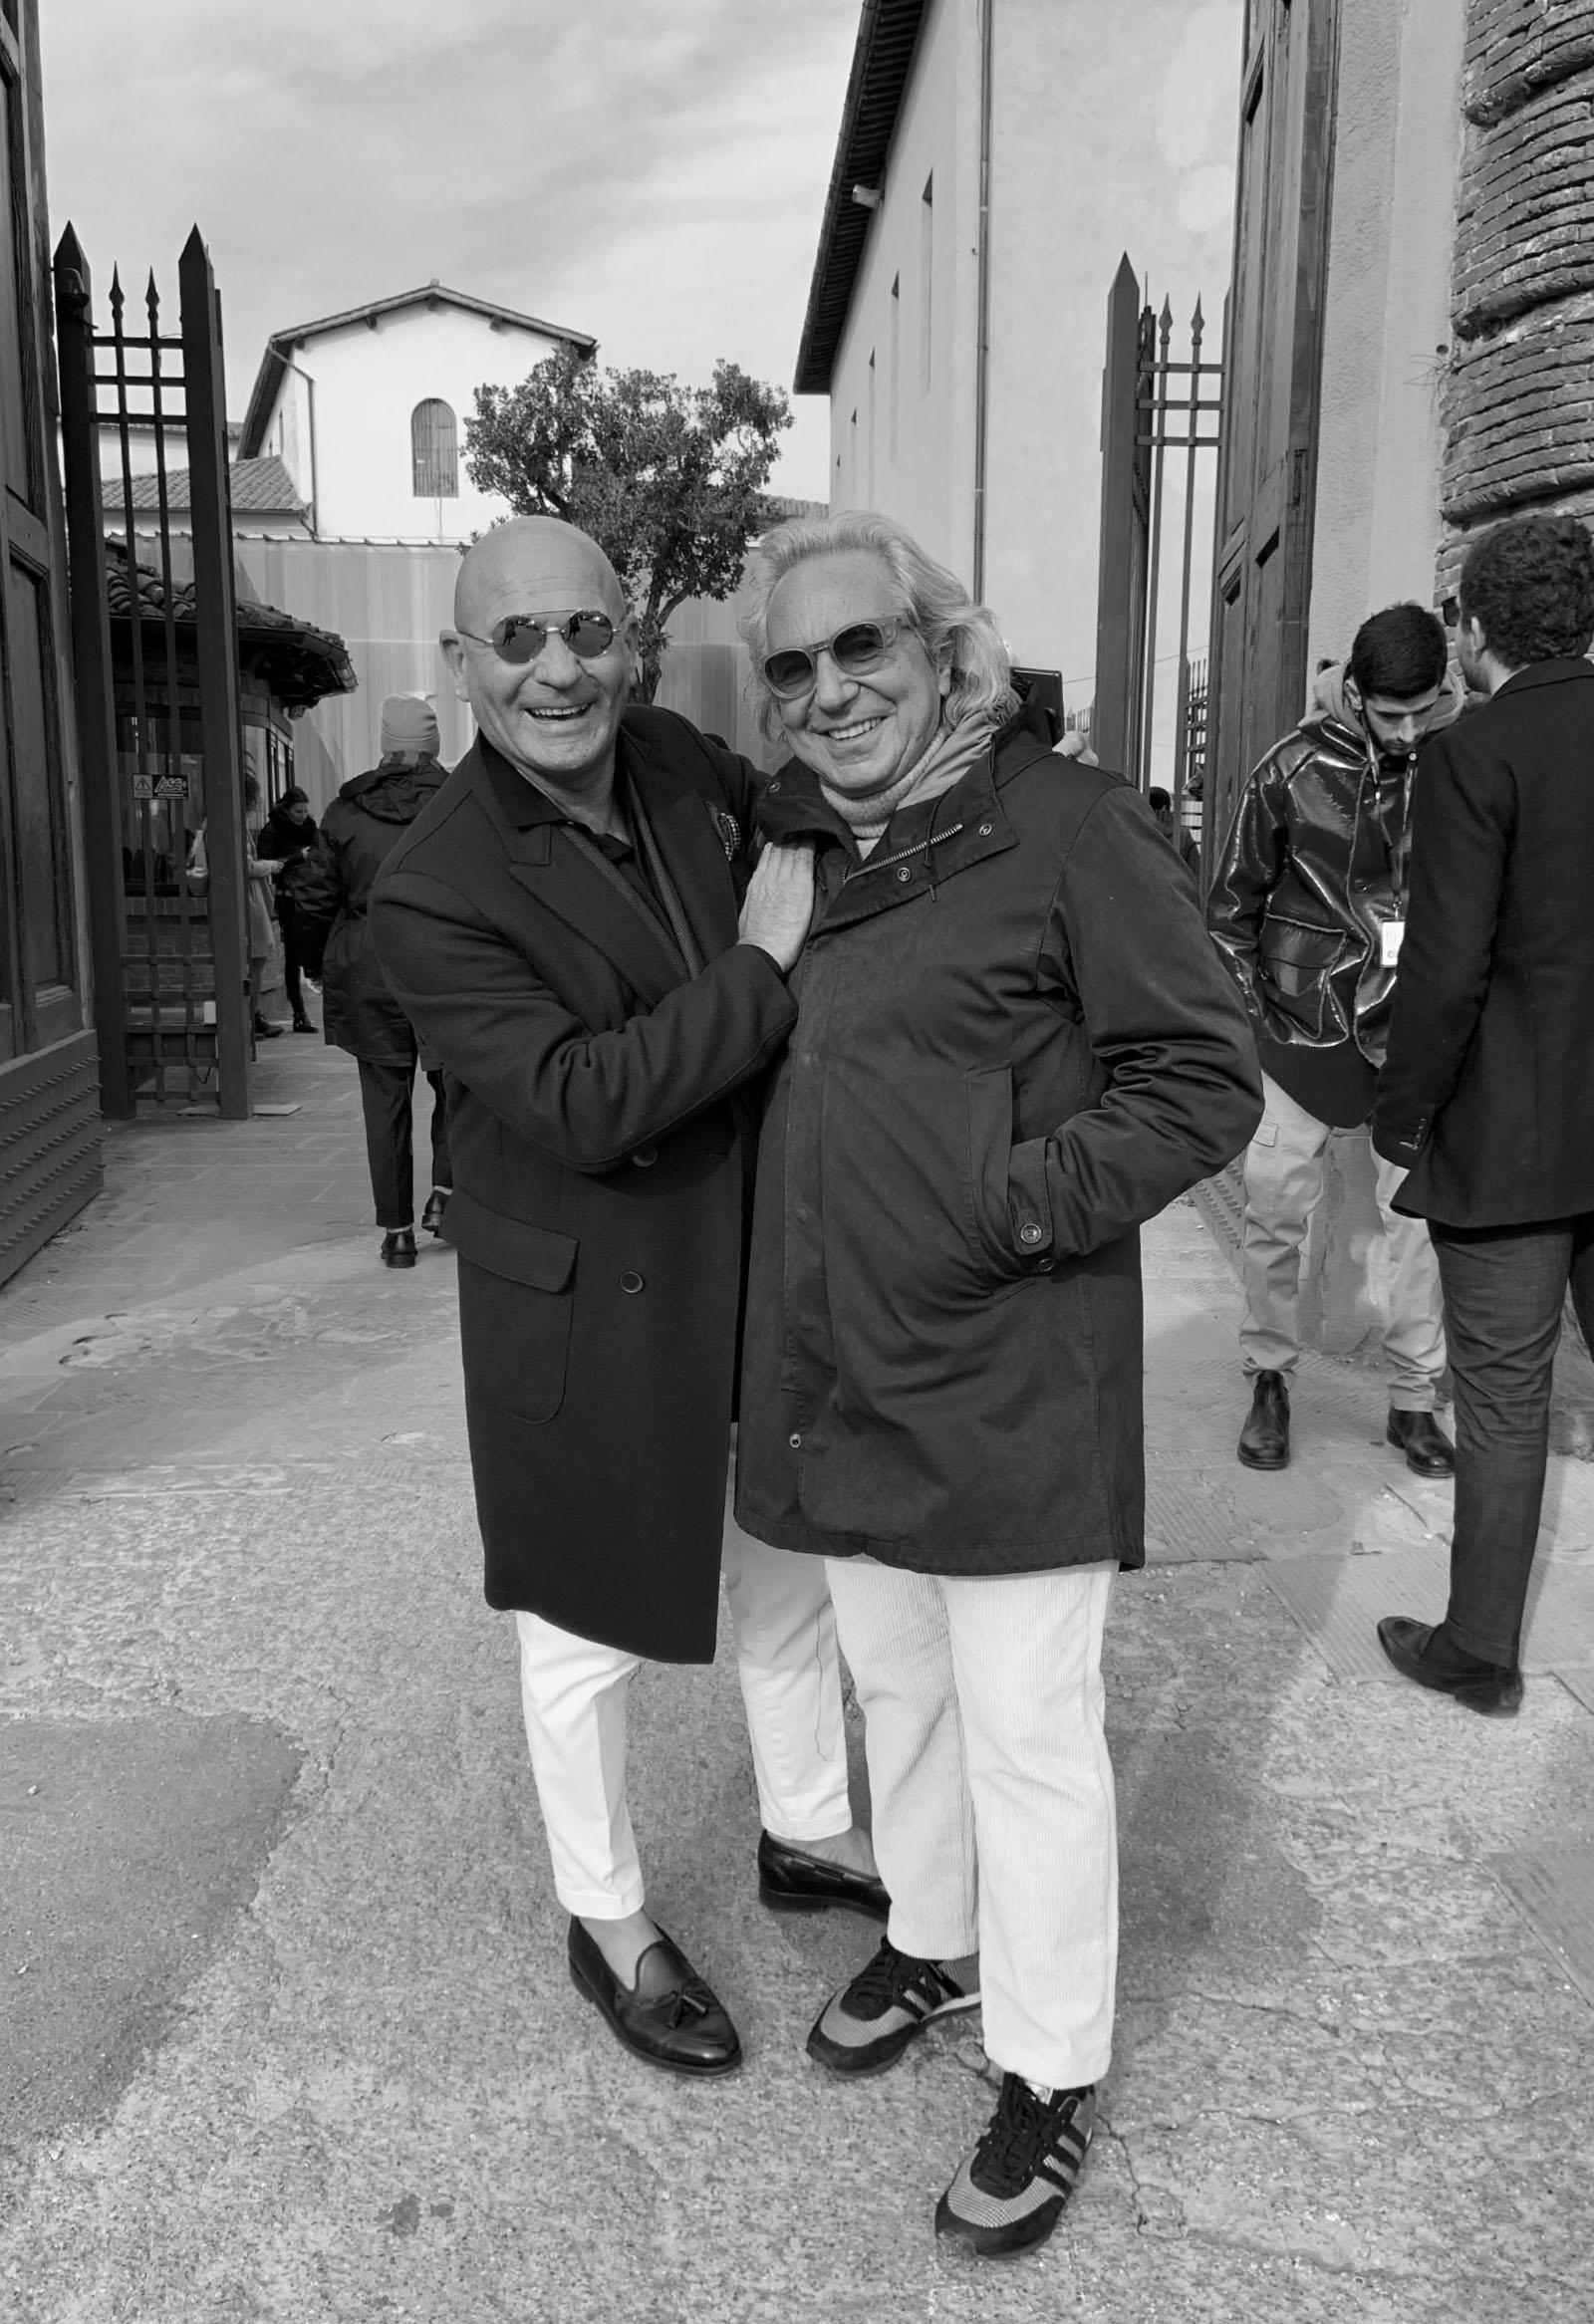 Alberto Del Biondi, Enzo Fusco, Blauer PU97